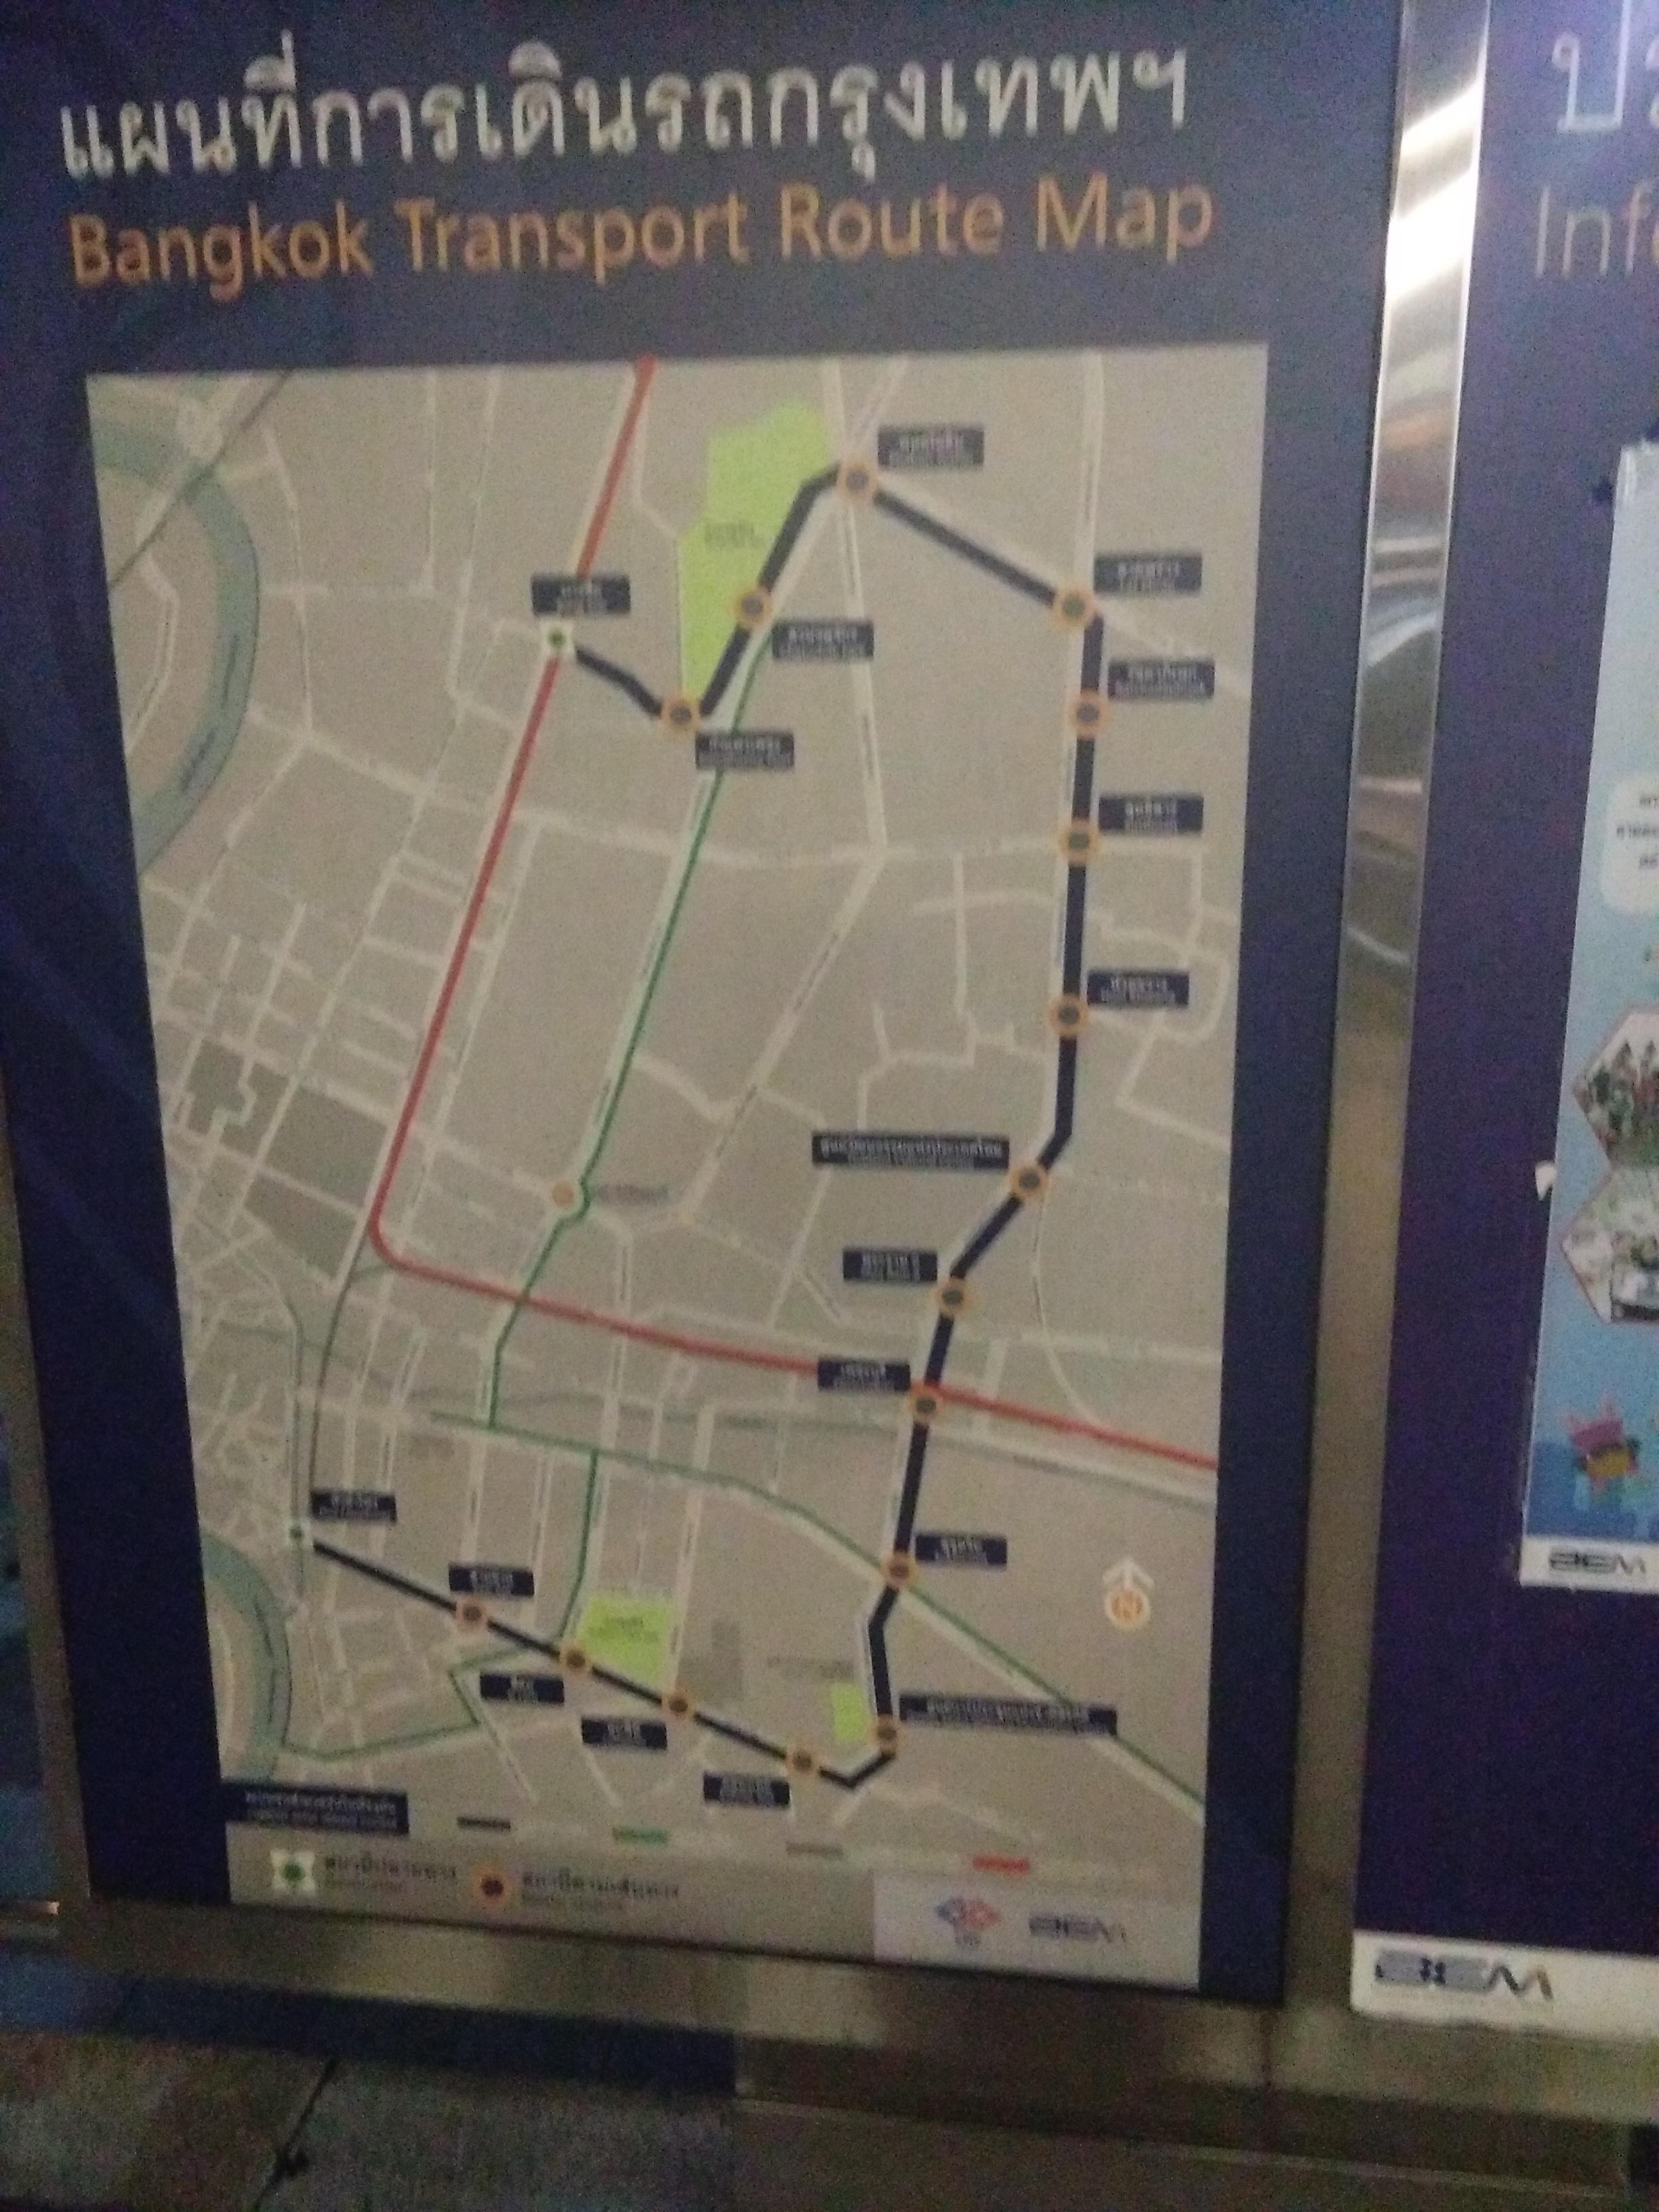 A metróvonalat és az átszállási kapcsolatait mutató térkép egy bangkoki metróállomás bejáratánál